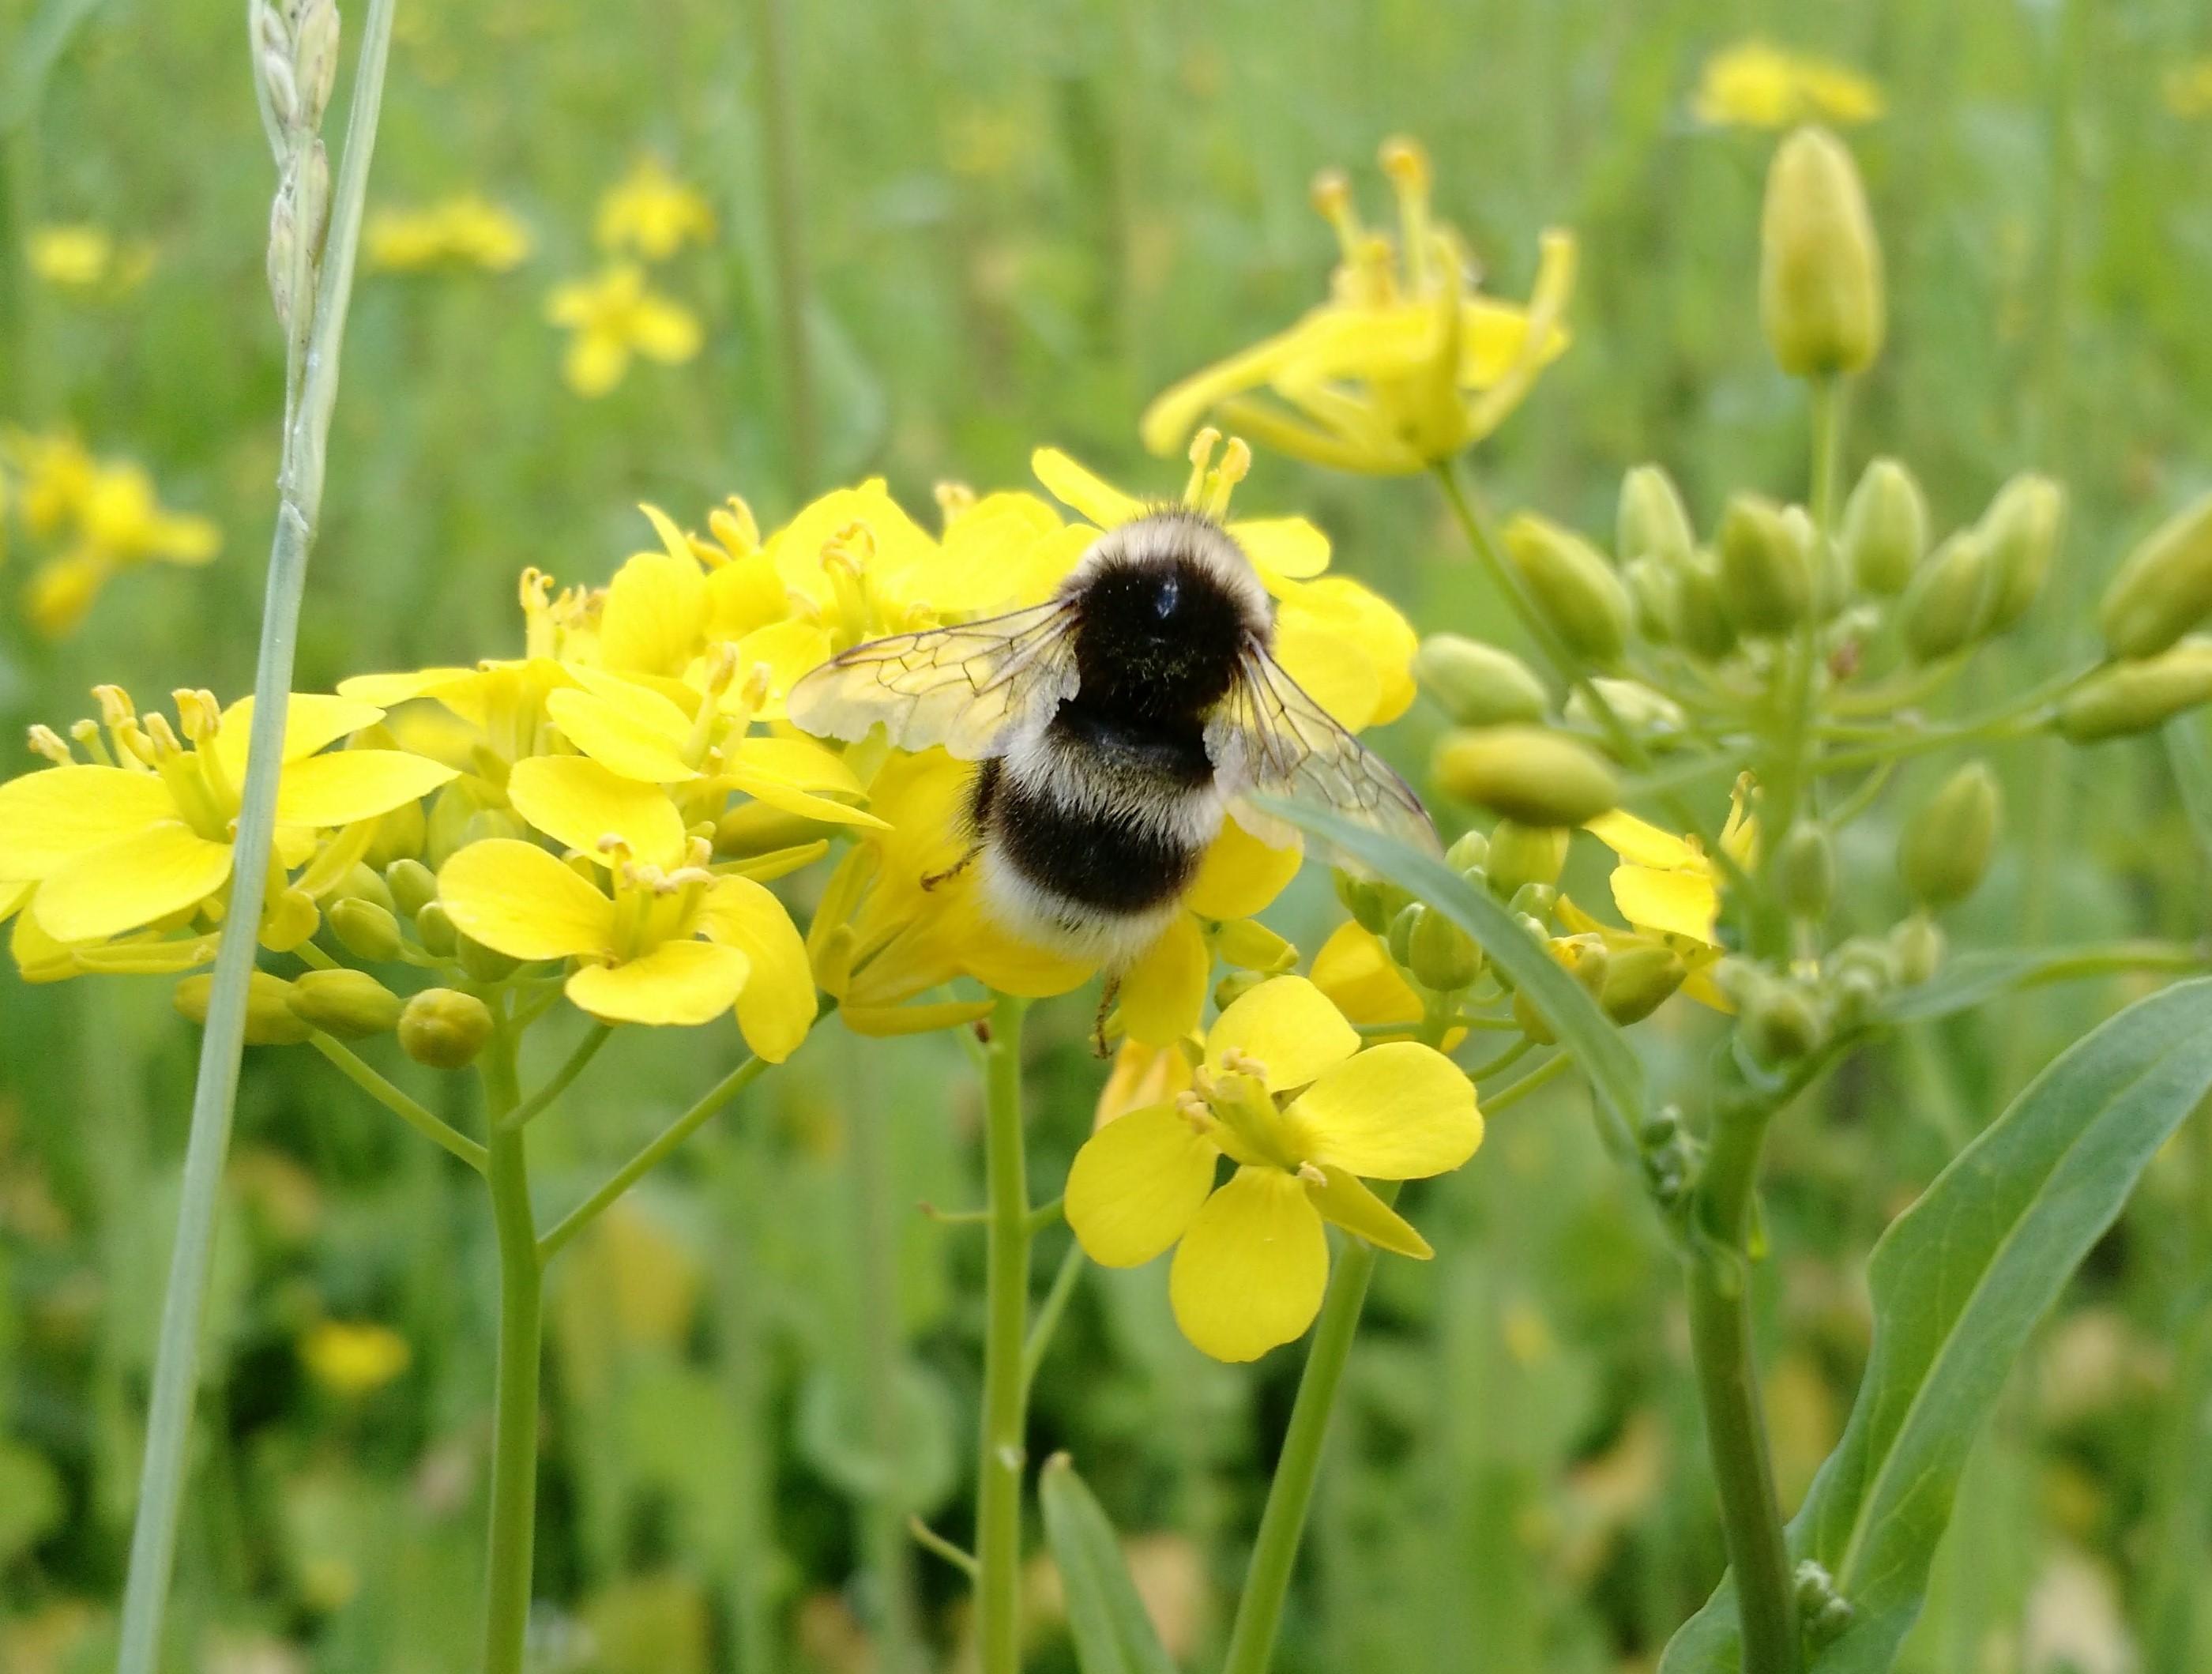 Bumblebee on turnip rape